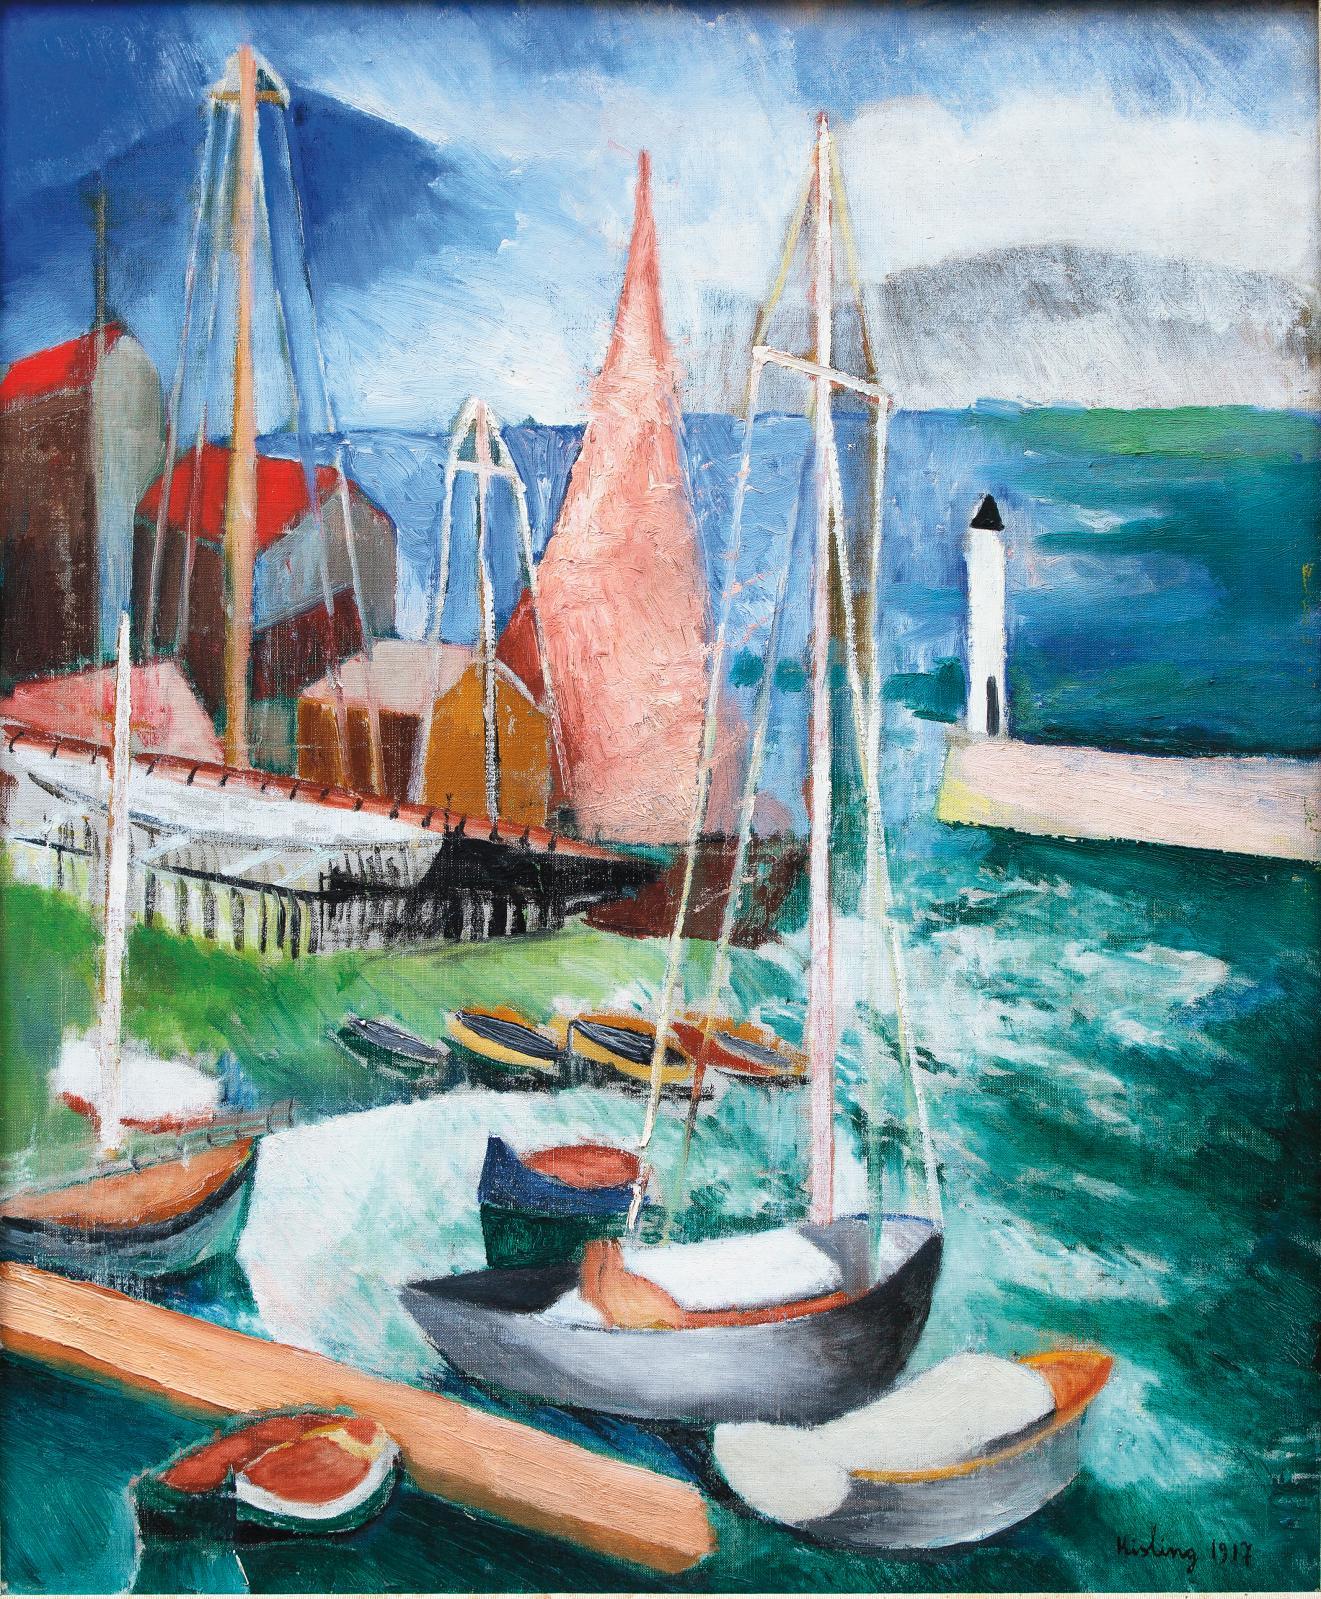 Moïse Kisling (1891-1953), Bateaux à voile, Saint-Tropez, mars 1917, huile sur toile, 65,5 x 54 cm (détail). Estimation: 30000/50000€